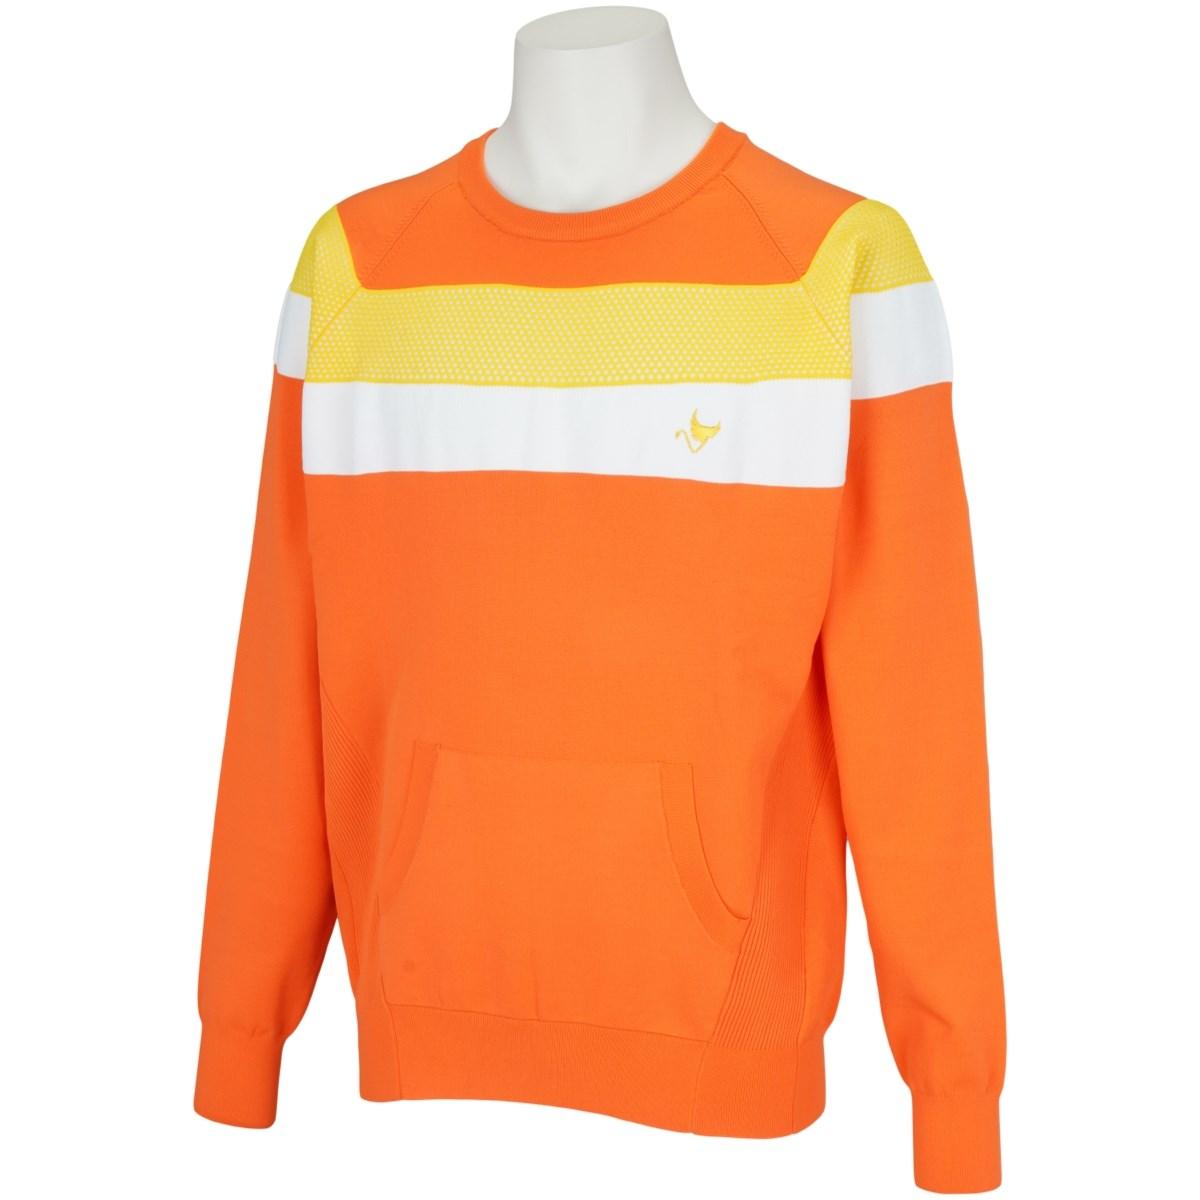 クランク(Clunk) クールニットセーター